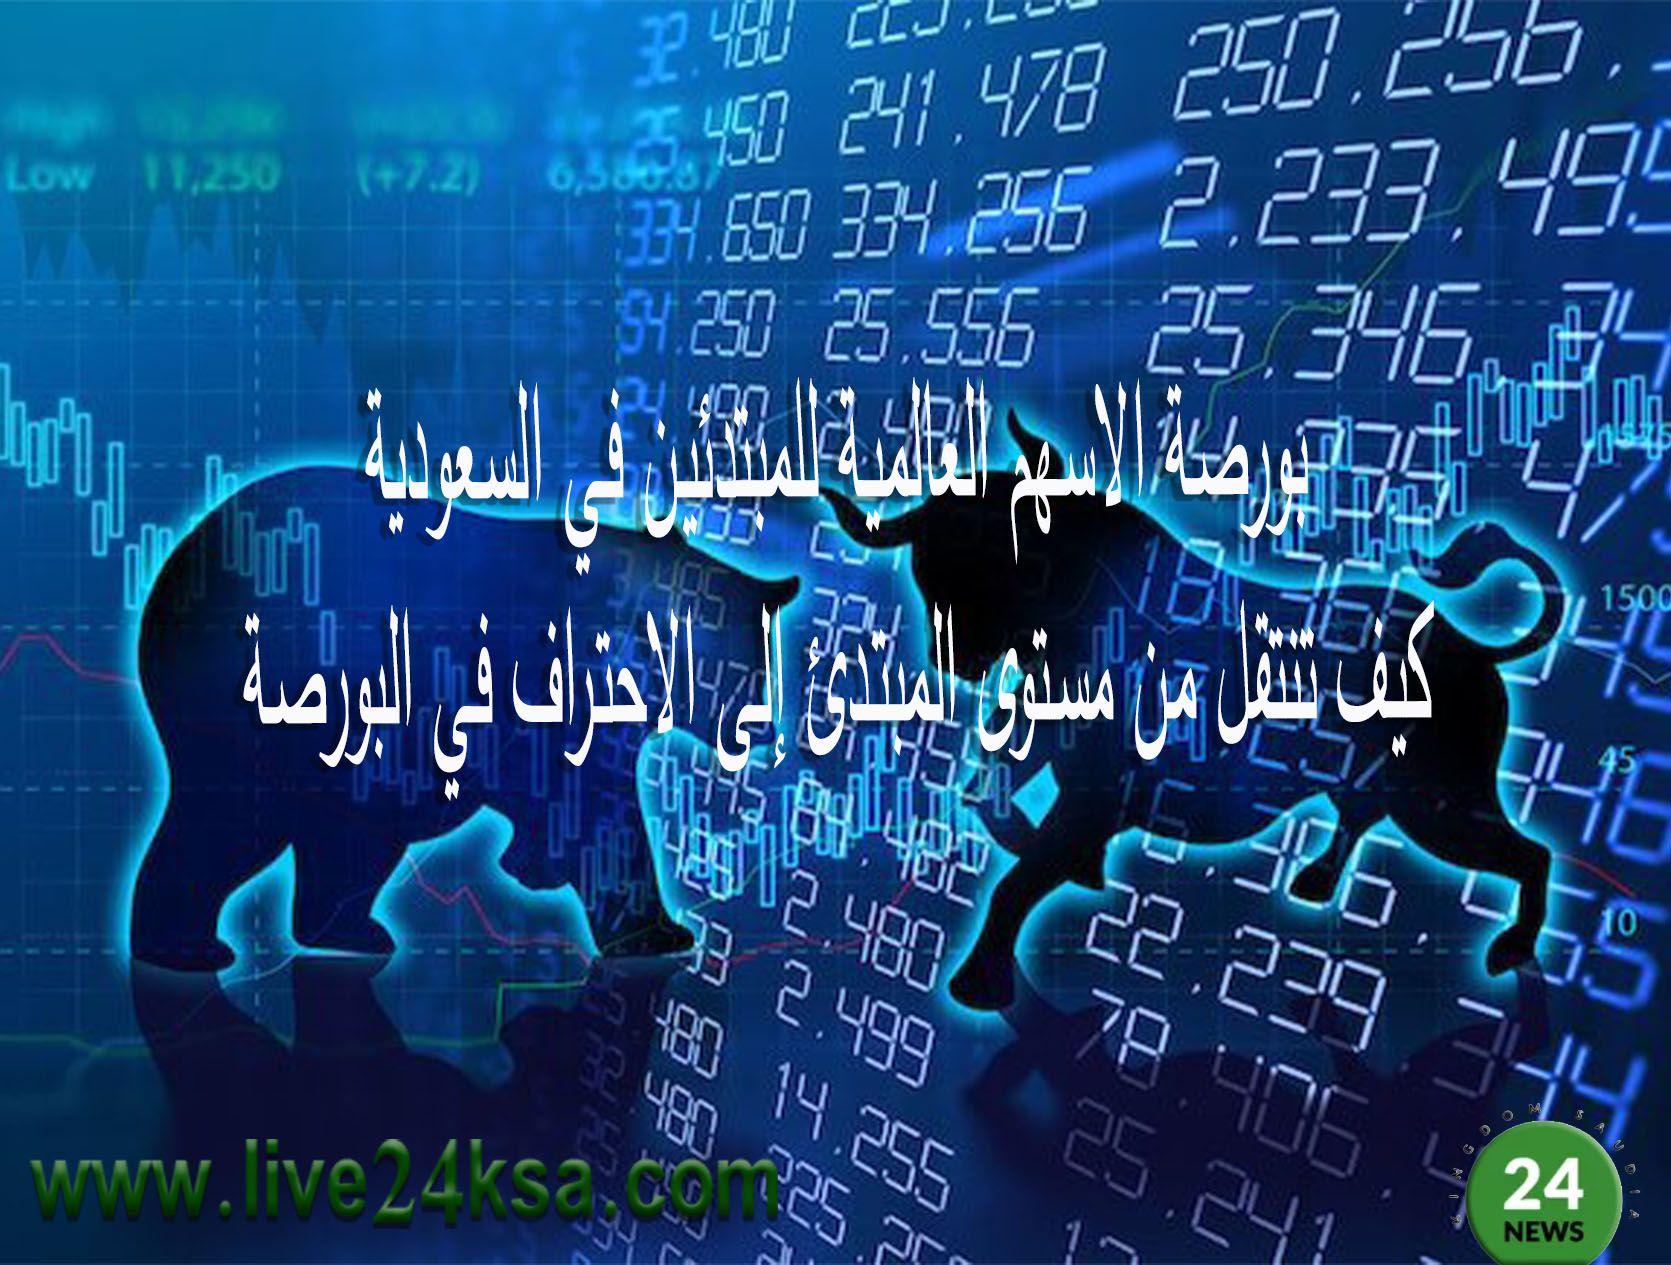 بورصة الاسهم العالمية للمبتدئين في السعودية كيف تنتقل من مستوى المبتدئ إلى الاحتراف في البورصة Trading